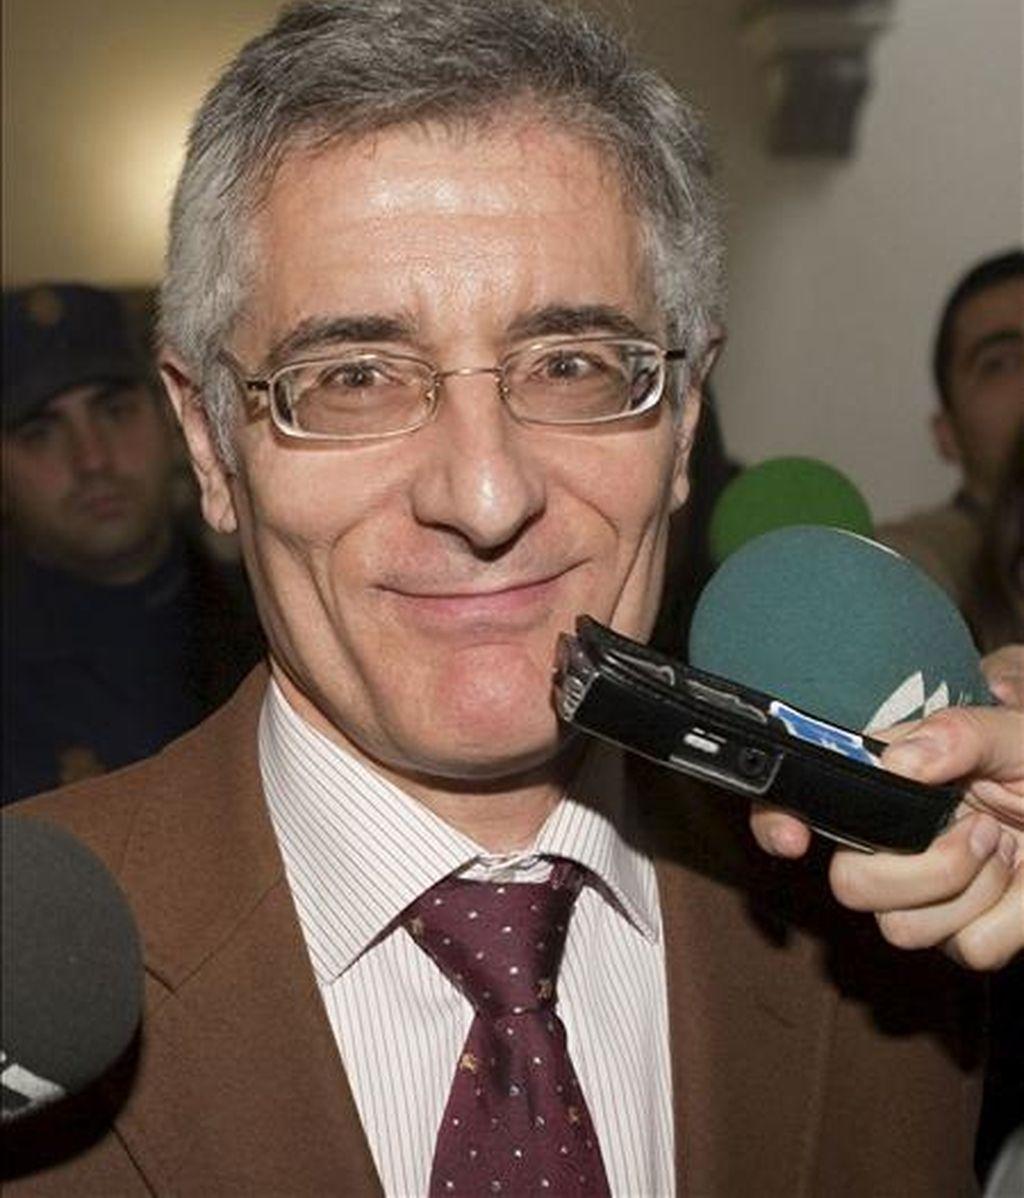 El ex diputado de Unió Mallorquina (UM) Bartomeu Vicens. EFE/Archivo